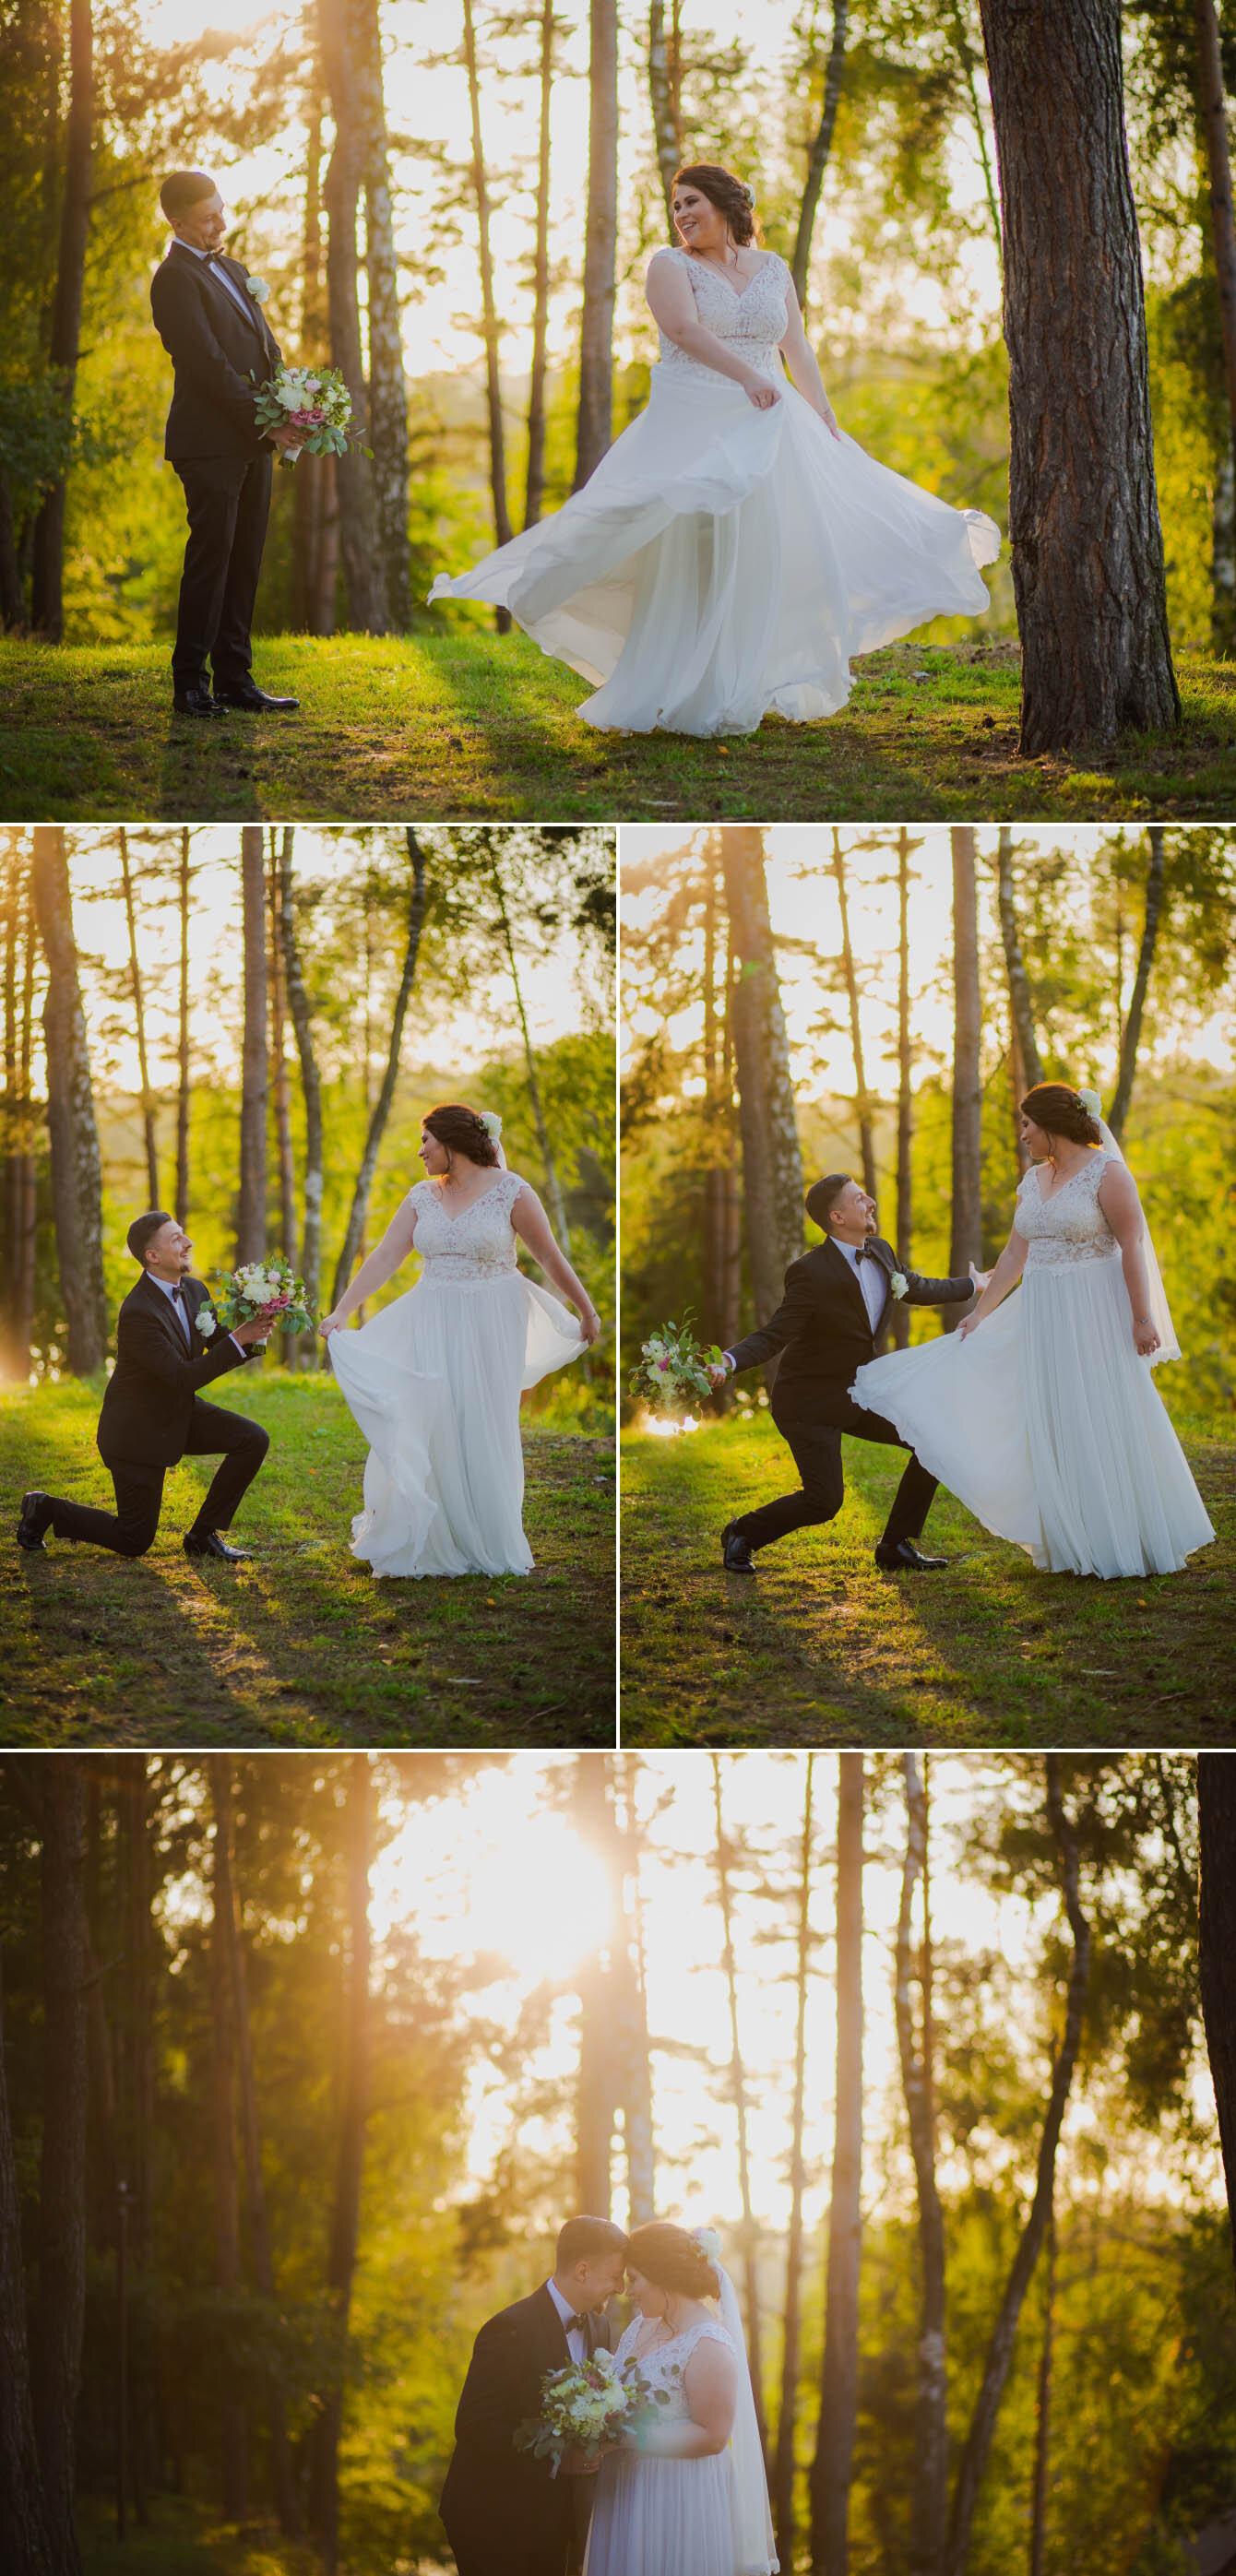 Fotografie ślubne Marka i Angeliki w domu weselnym pod Grzybkiem fotograf Bartek Wyrobek  29.jpg